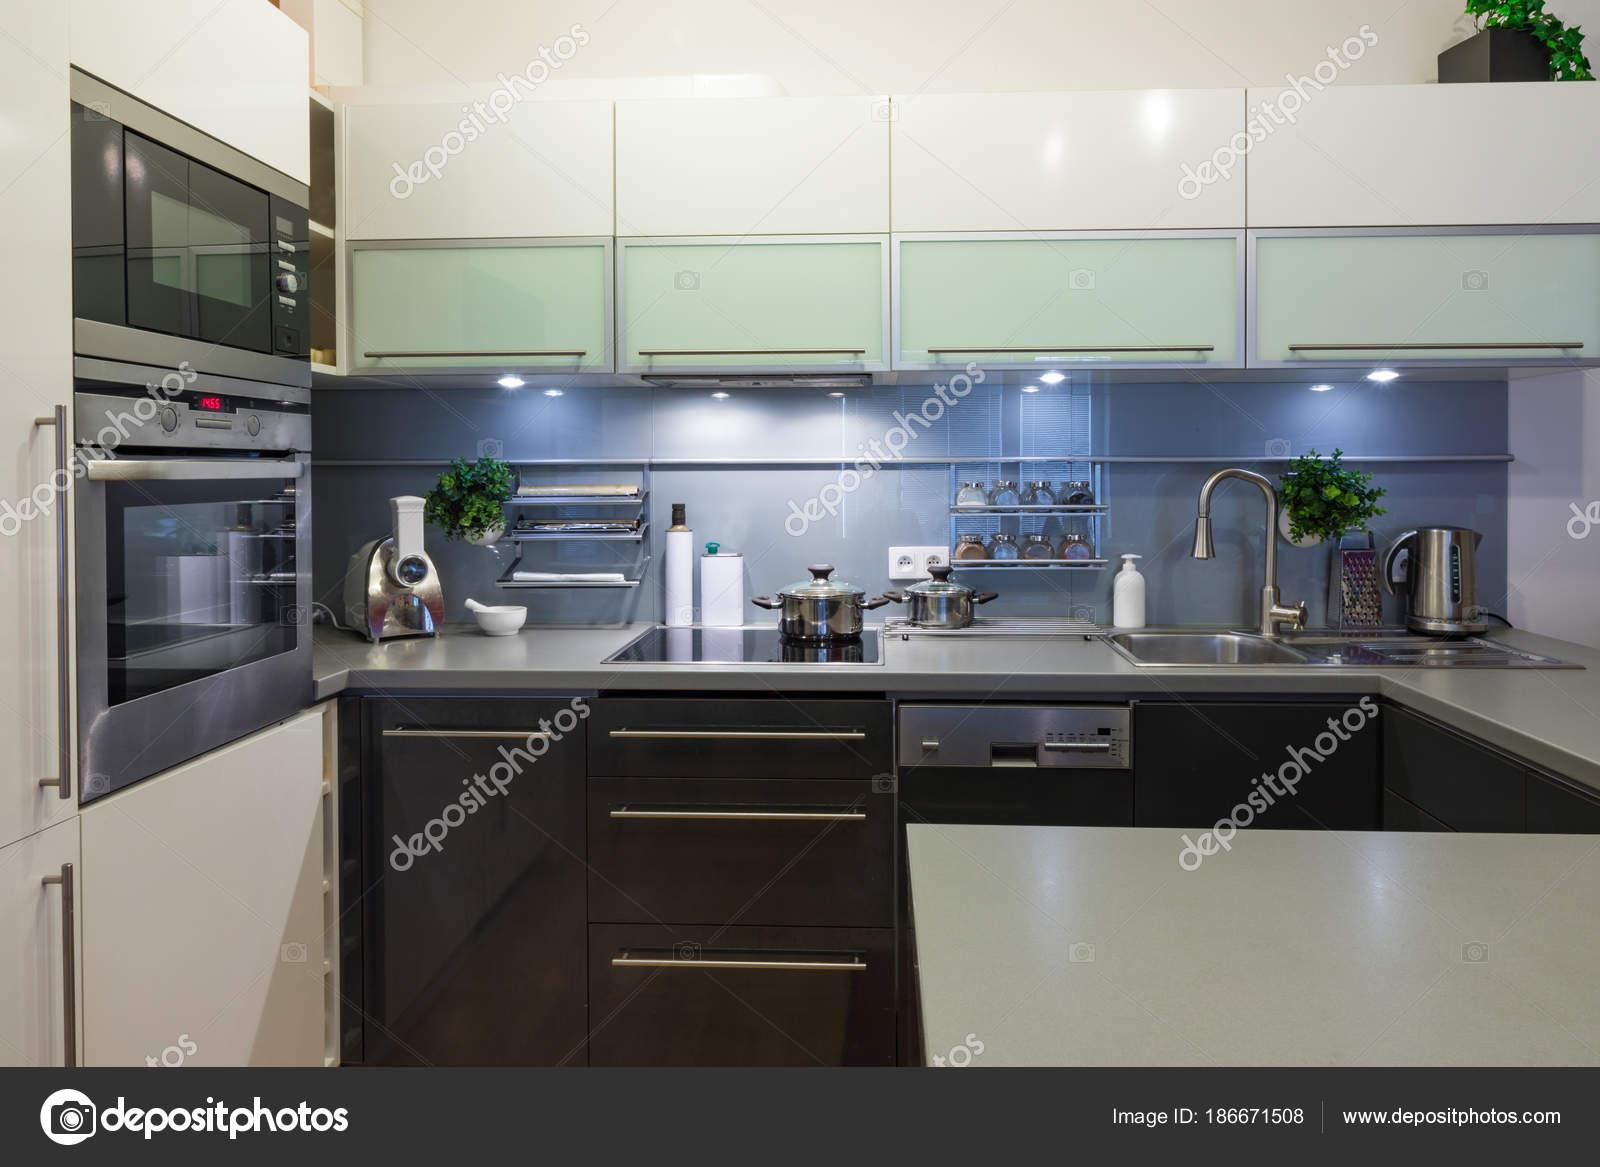 Cuisine moderne à la maison avec de la vaisselle ...